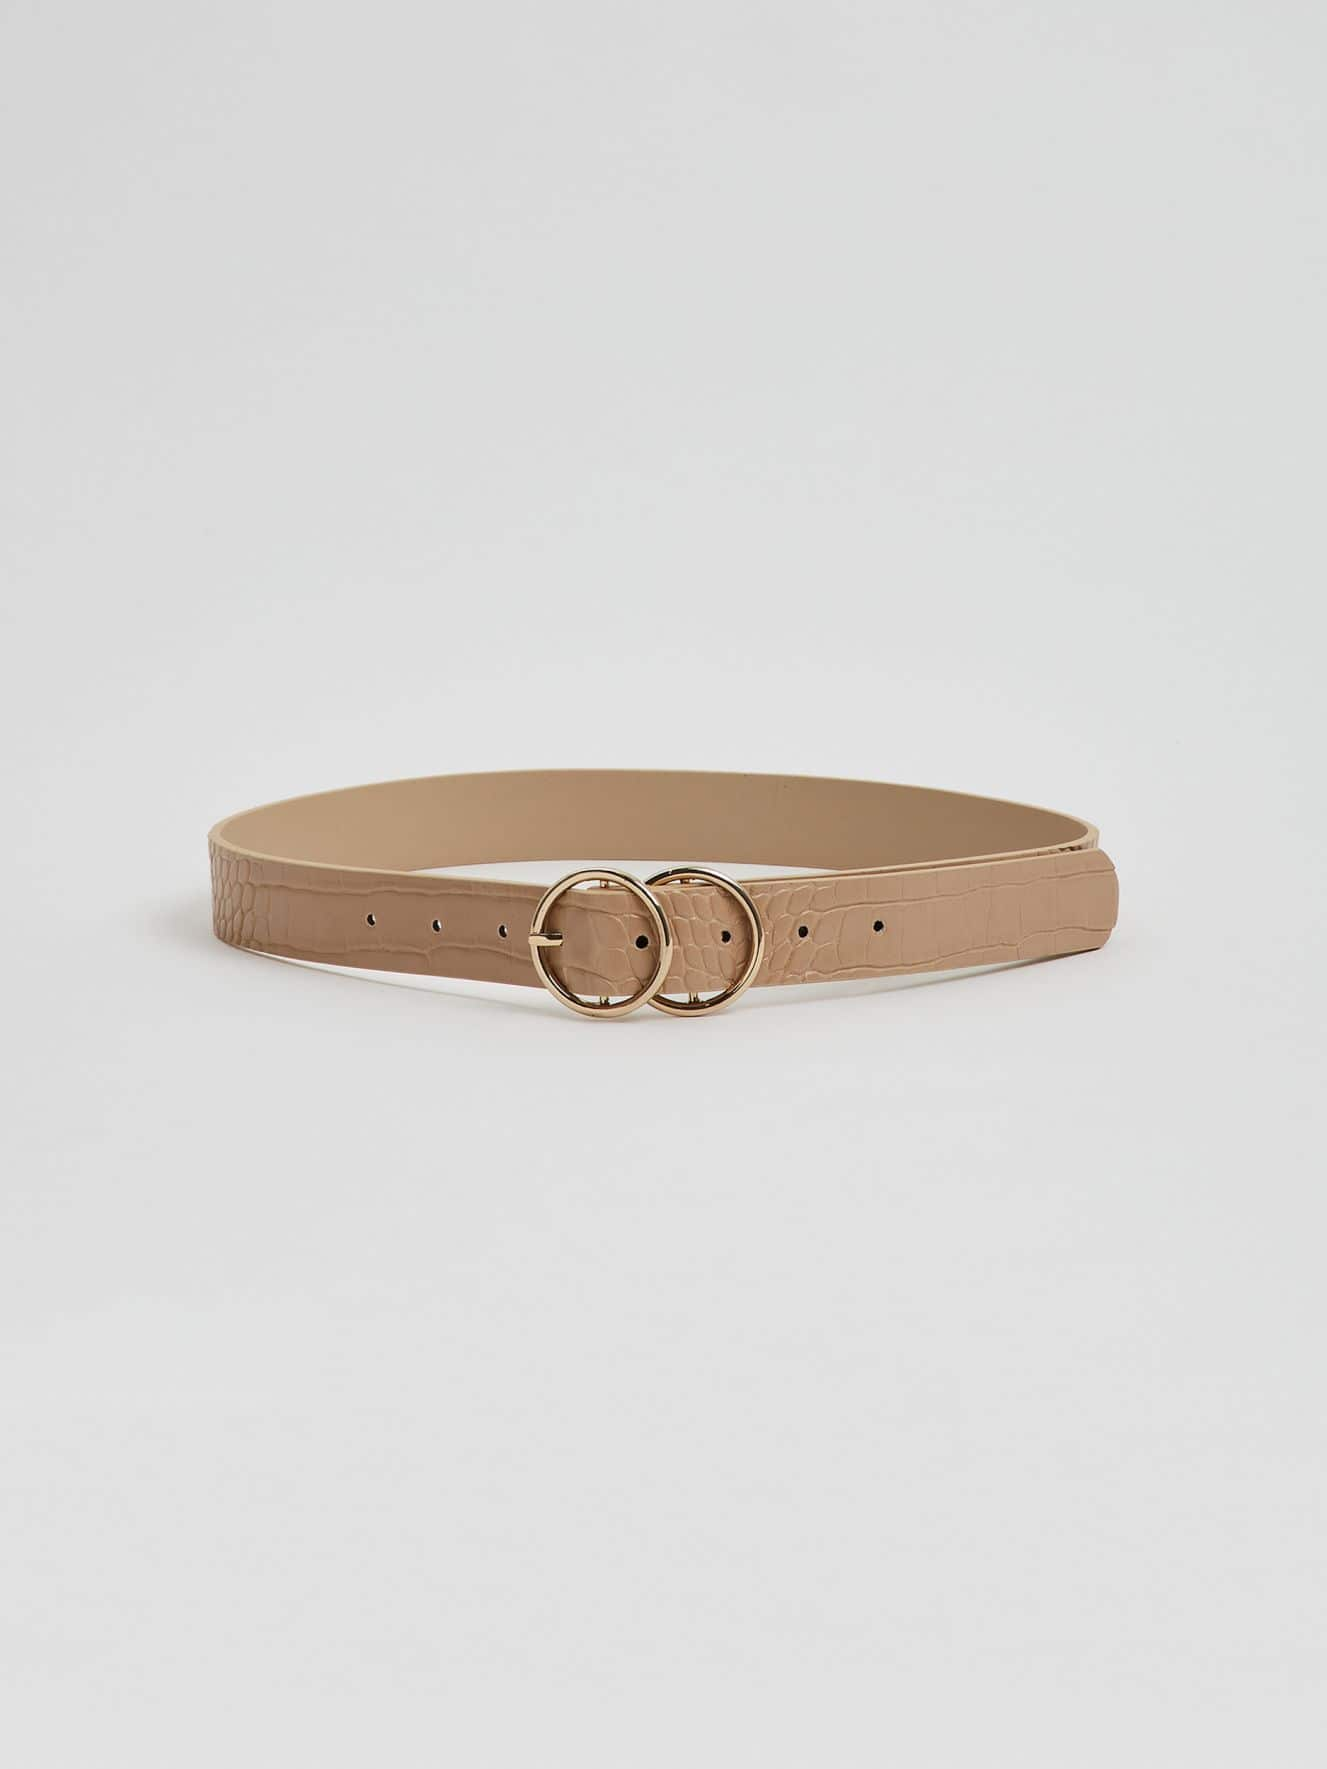 Cintura Mujer Terranova